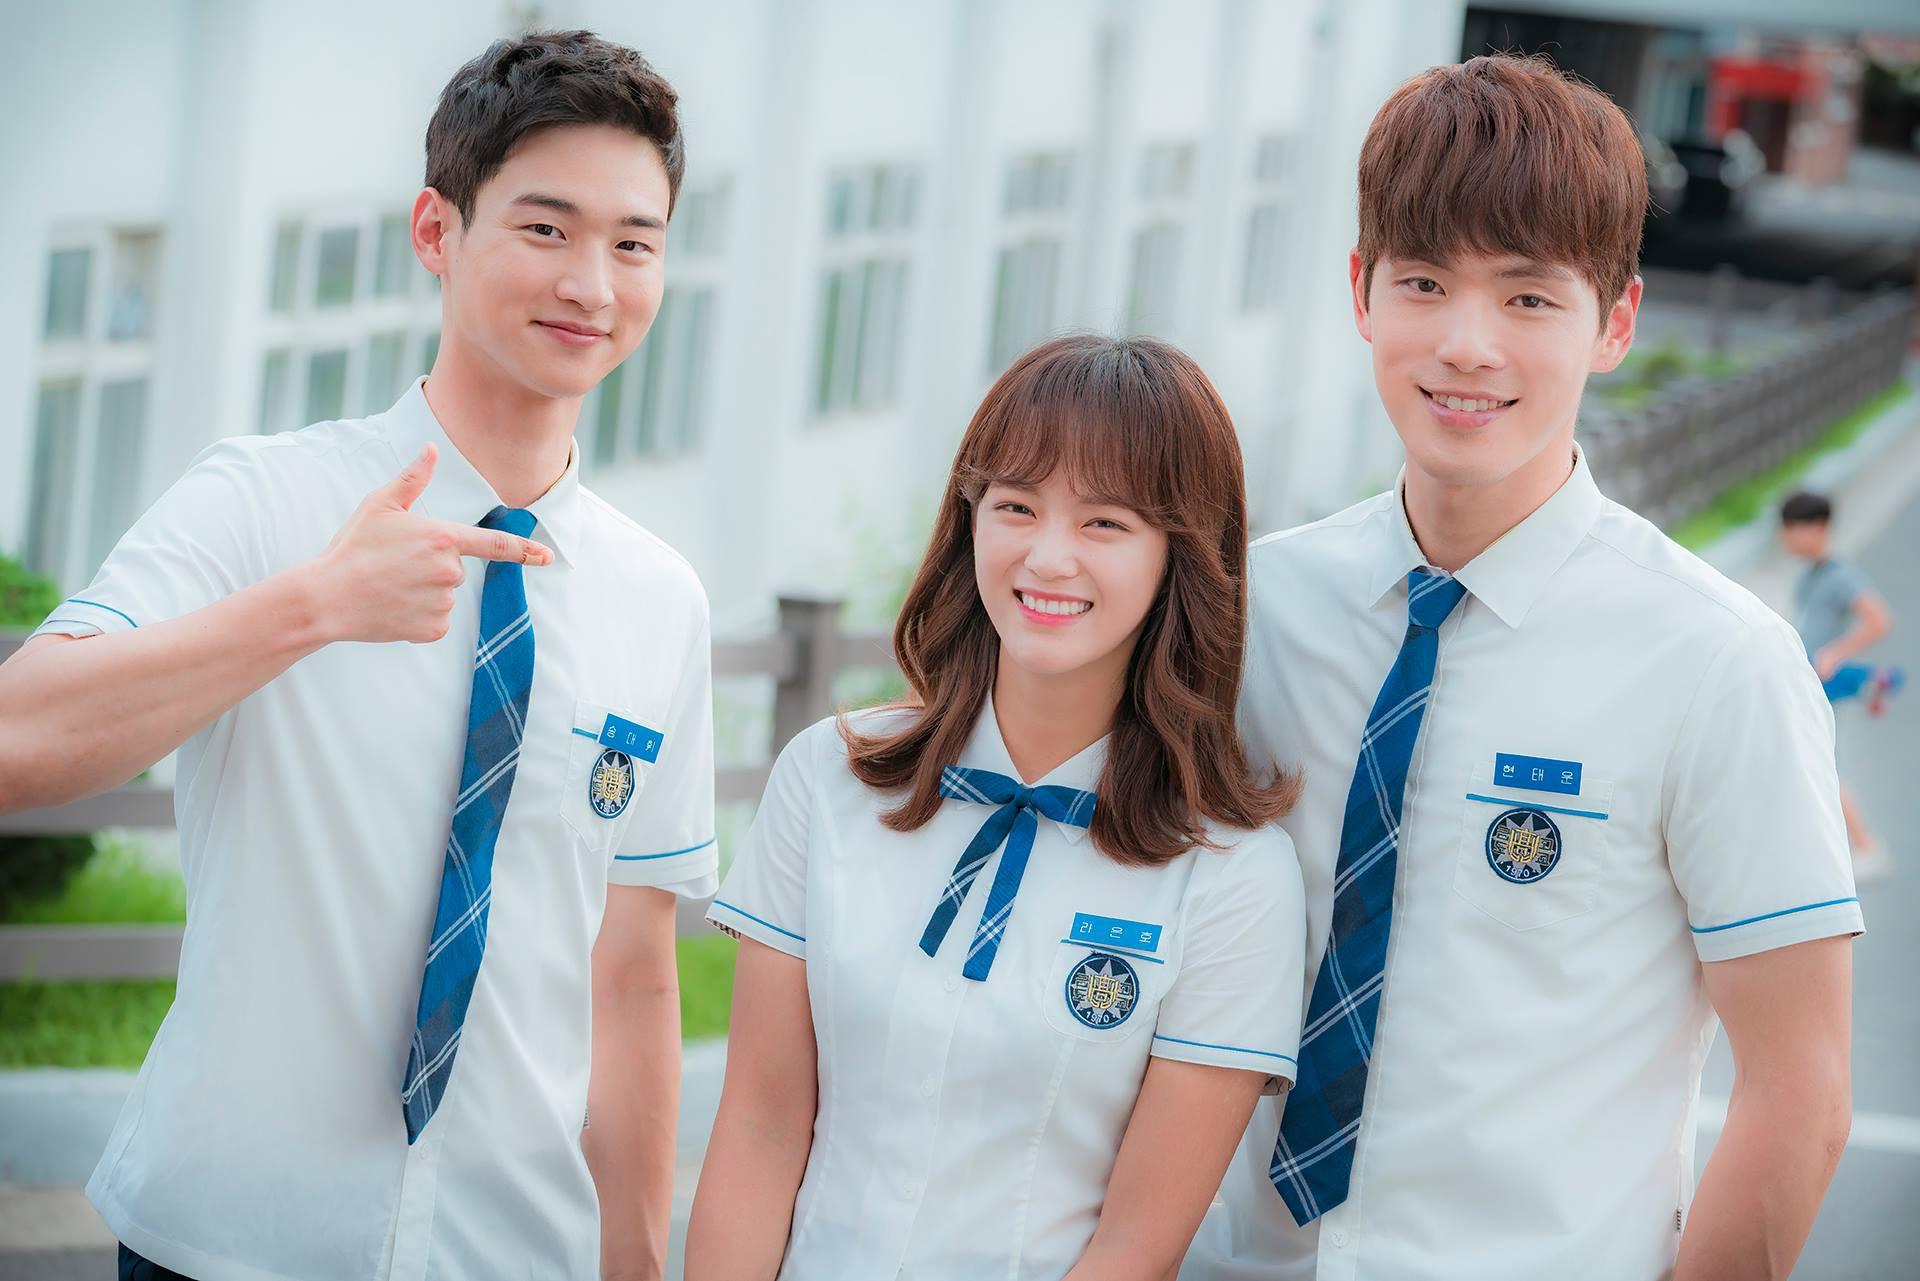 Idol Kpop giờ toàn đóng chính, nhưng gần như phim nào rating cũng... thấp kỉ lục! - Ảnh 3.